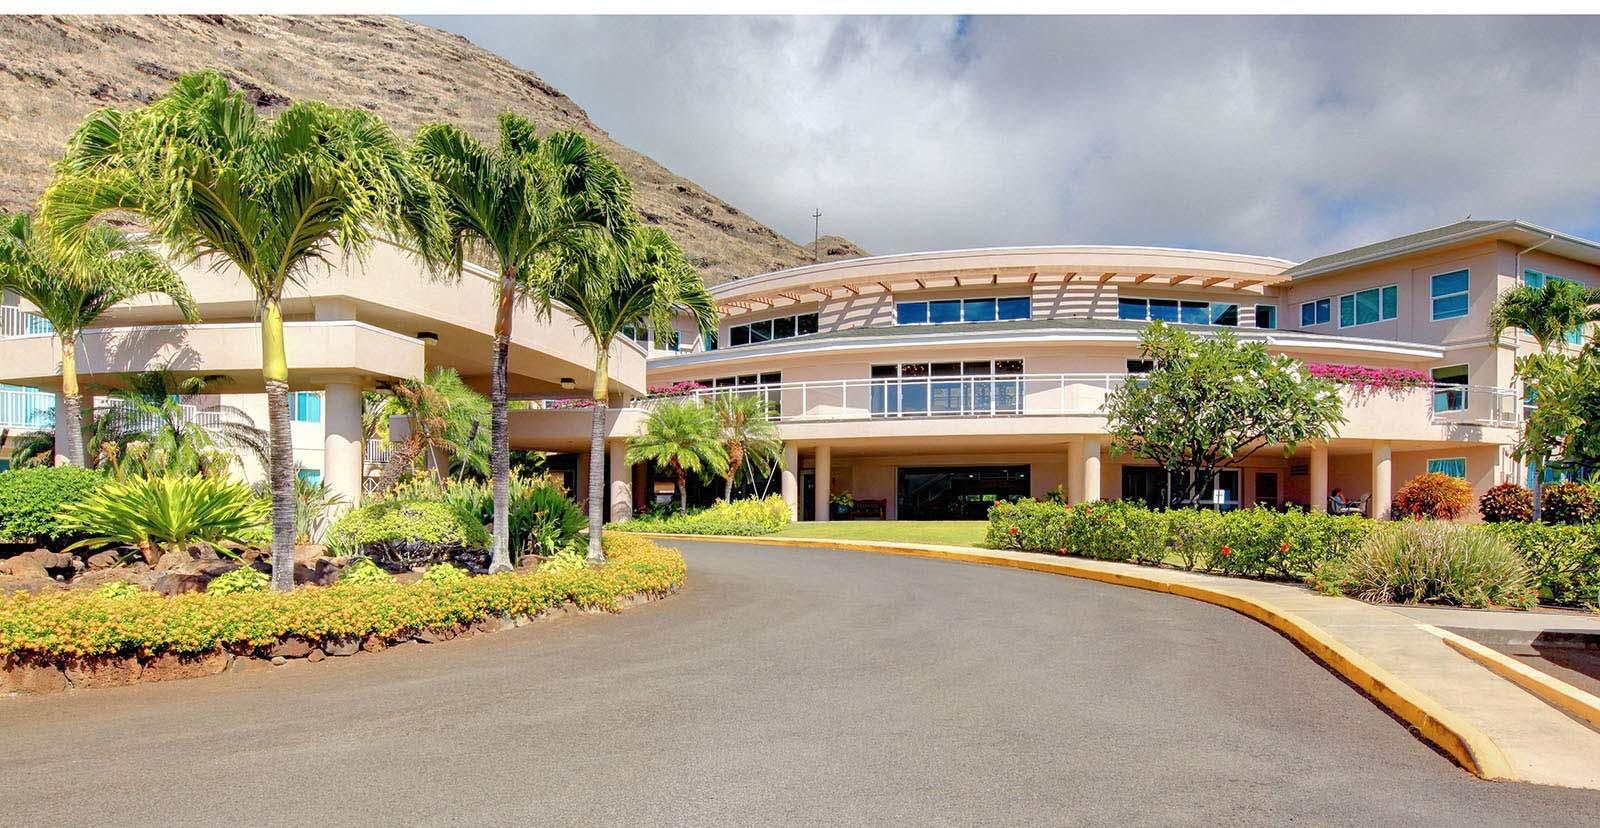 Hawaii Kai image 6